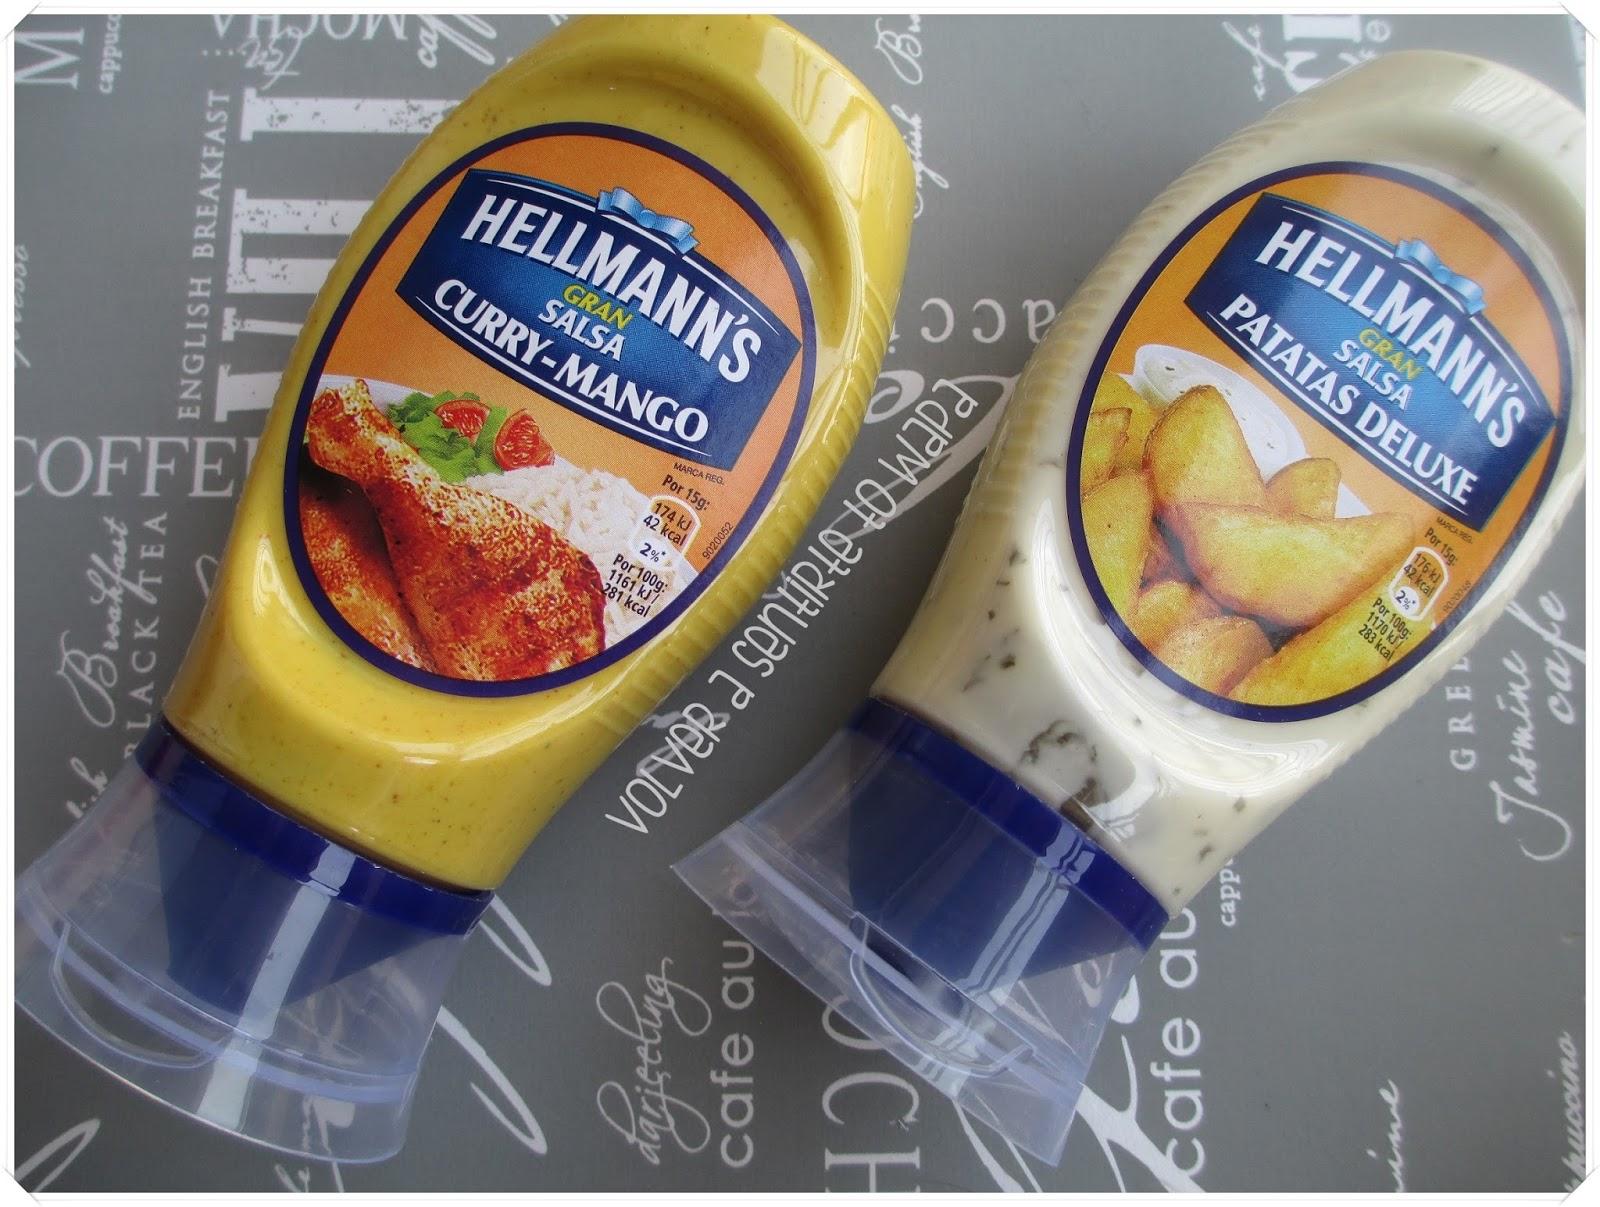 degustabox 'Vuelta al Cole' - Agosto 2014 - Hellmann's